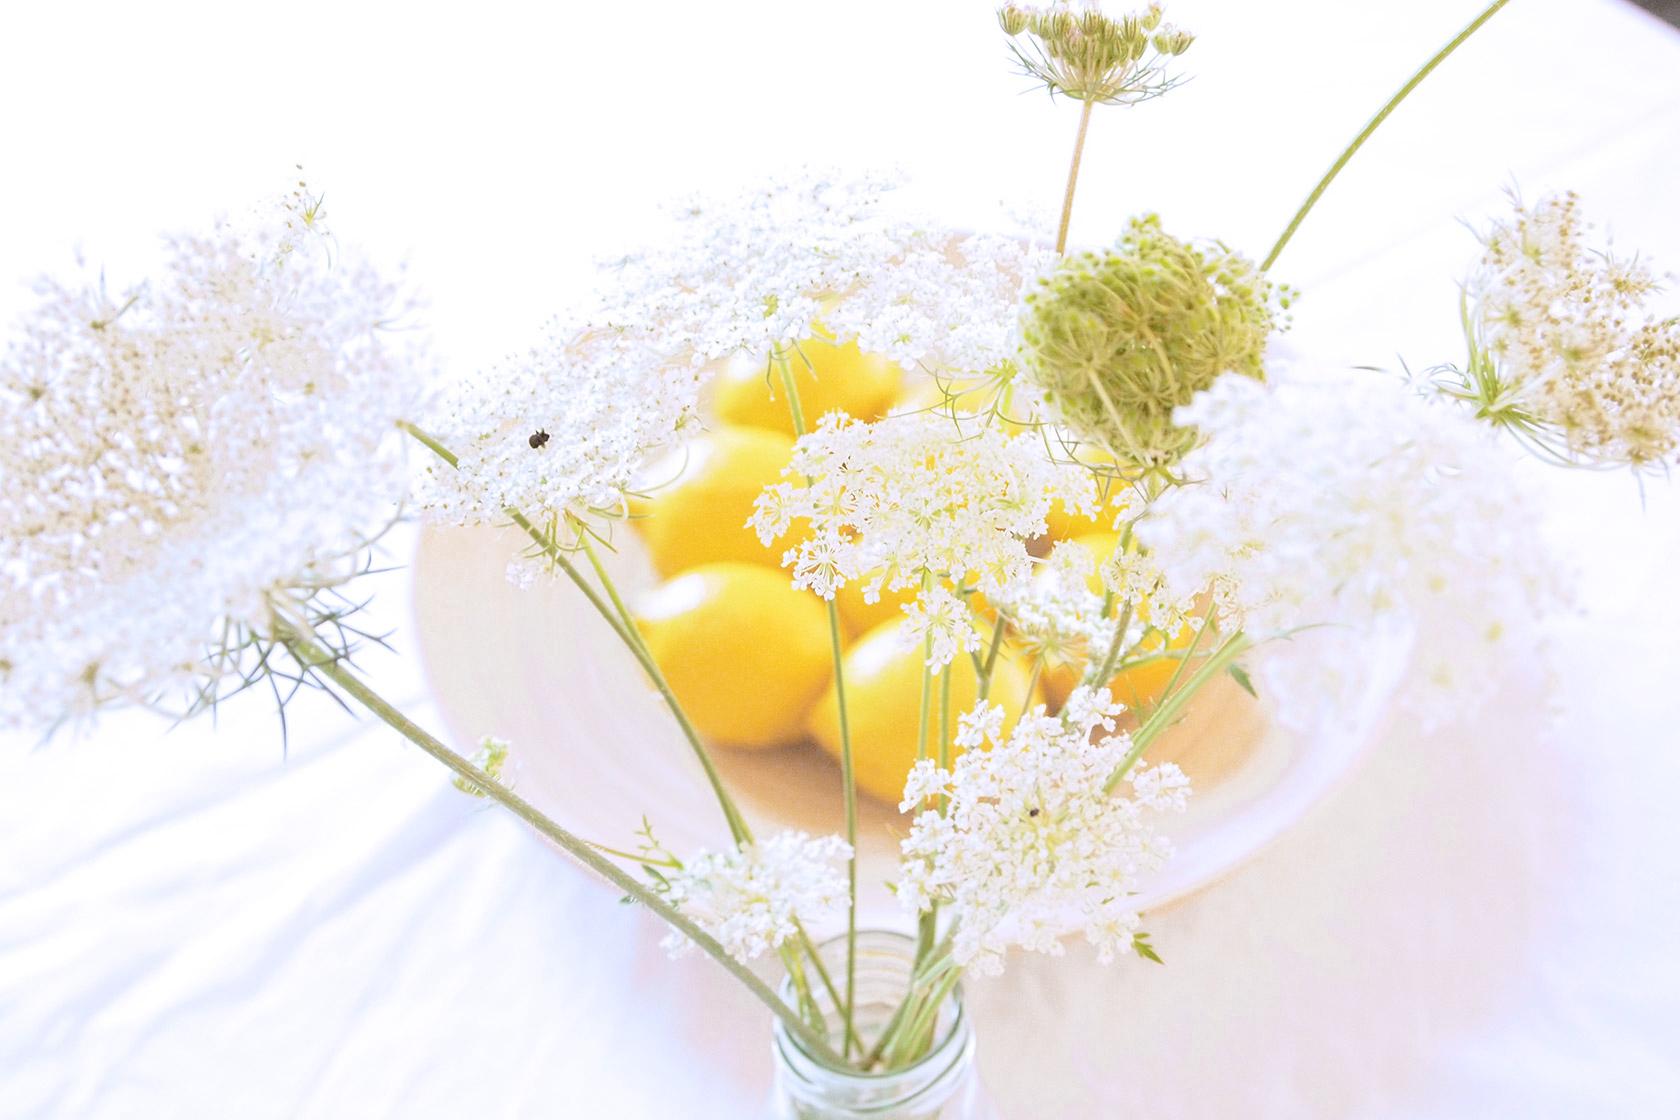 lemon_3a